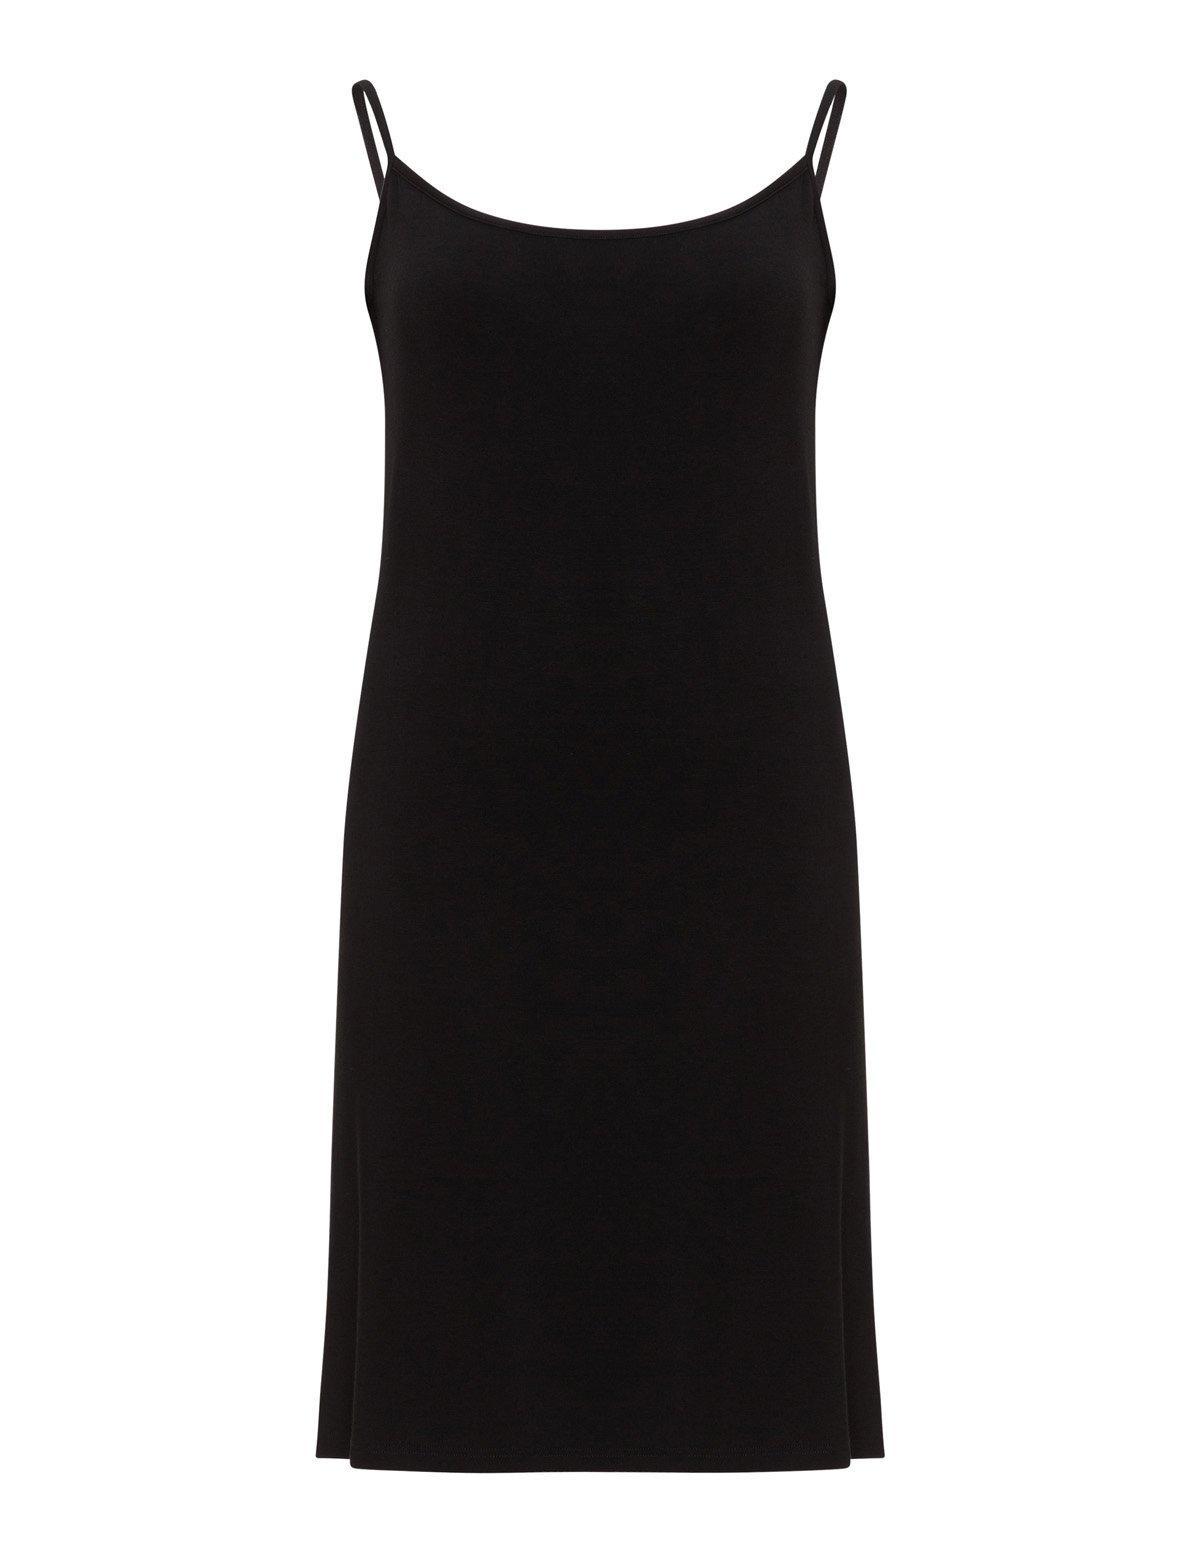 Sous robe noir